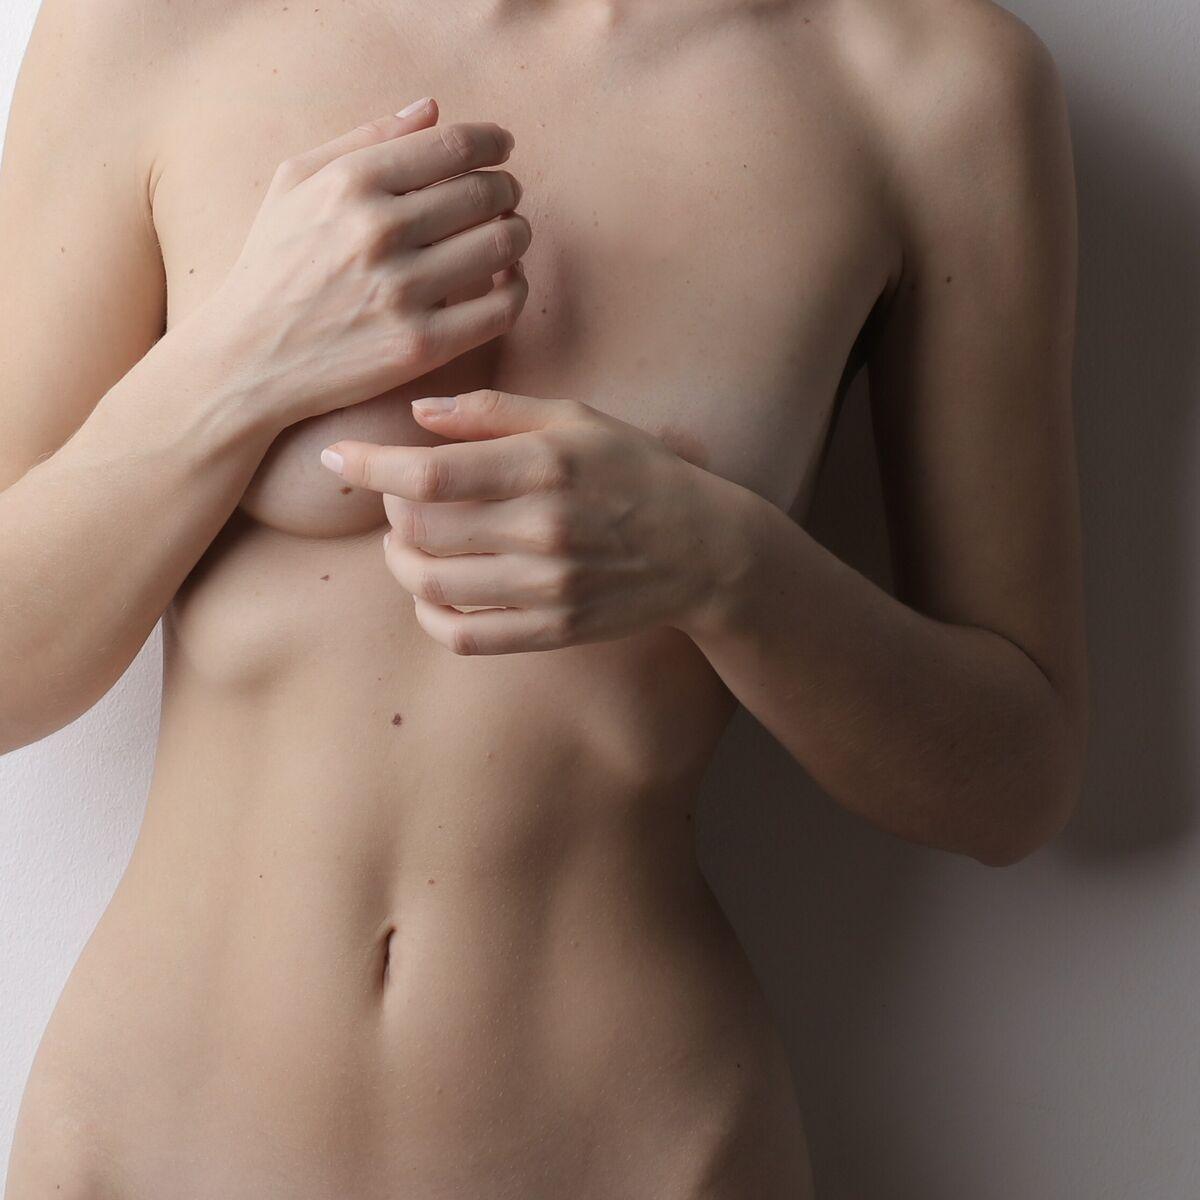 Brust normal große unterschiedlich Unterschiedlich große